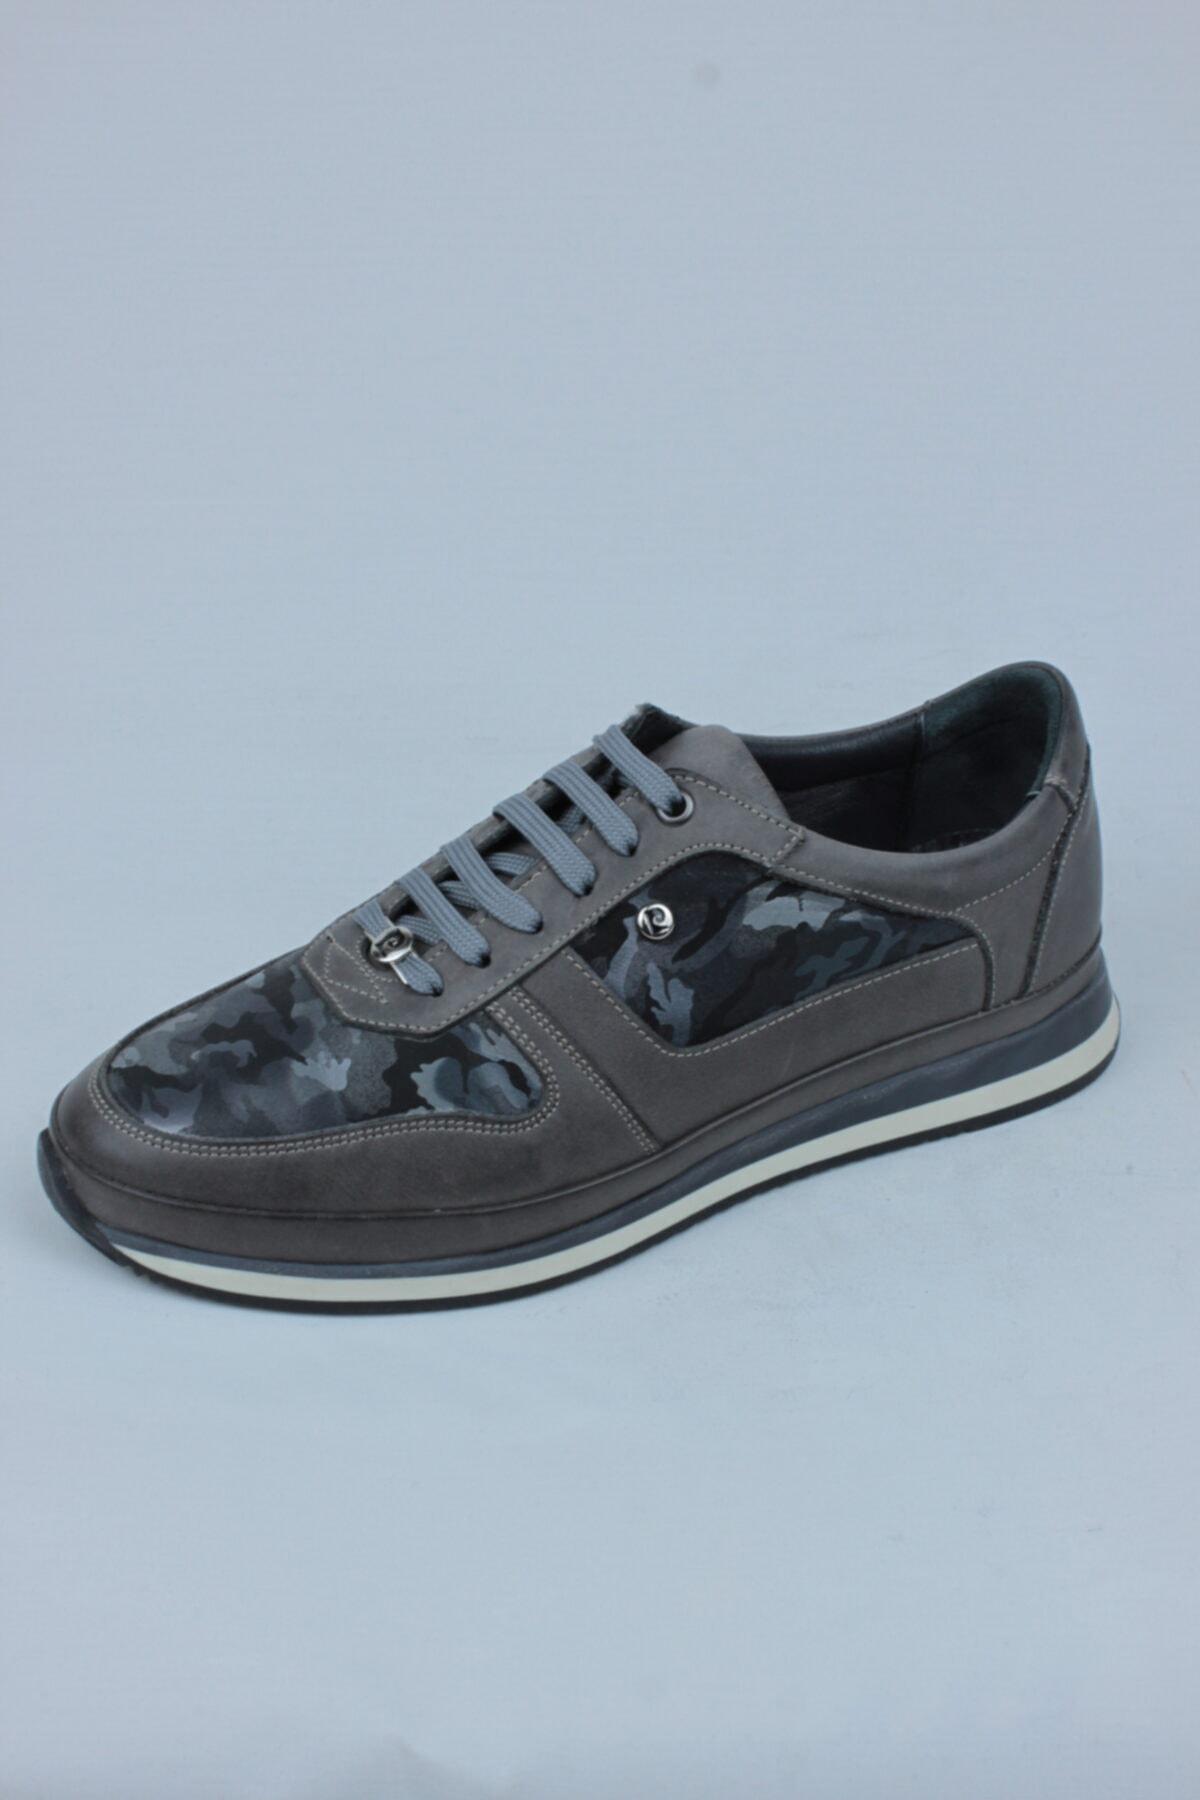 Pierre Cardin 4001 Poli Gri Casual Ayakkabı 1